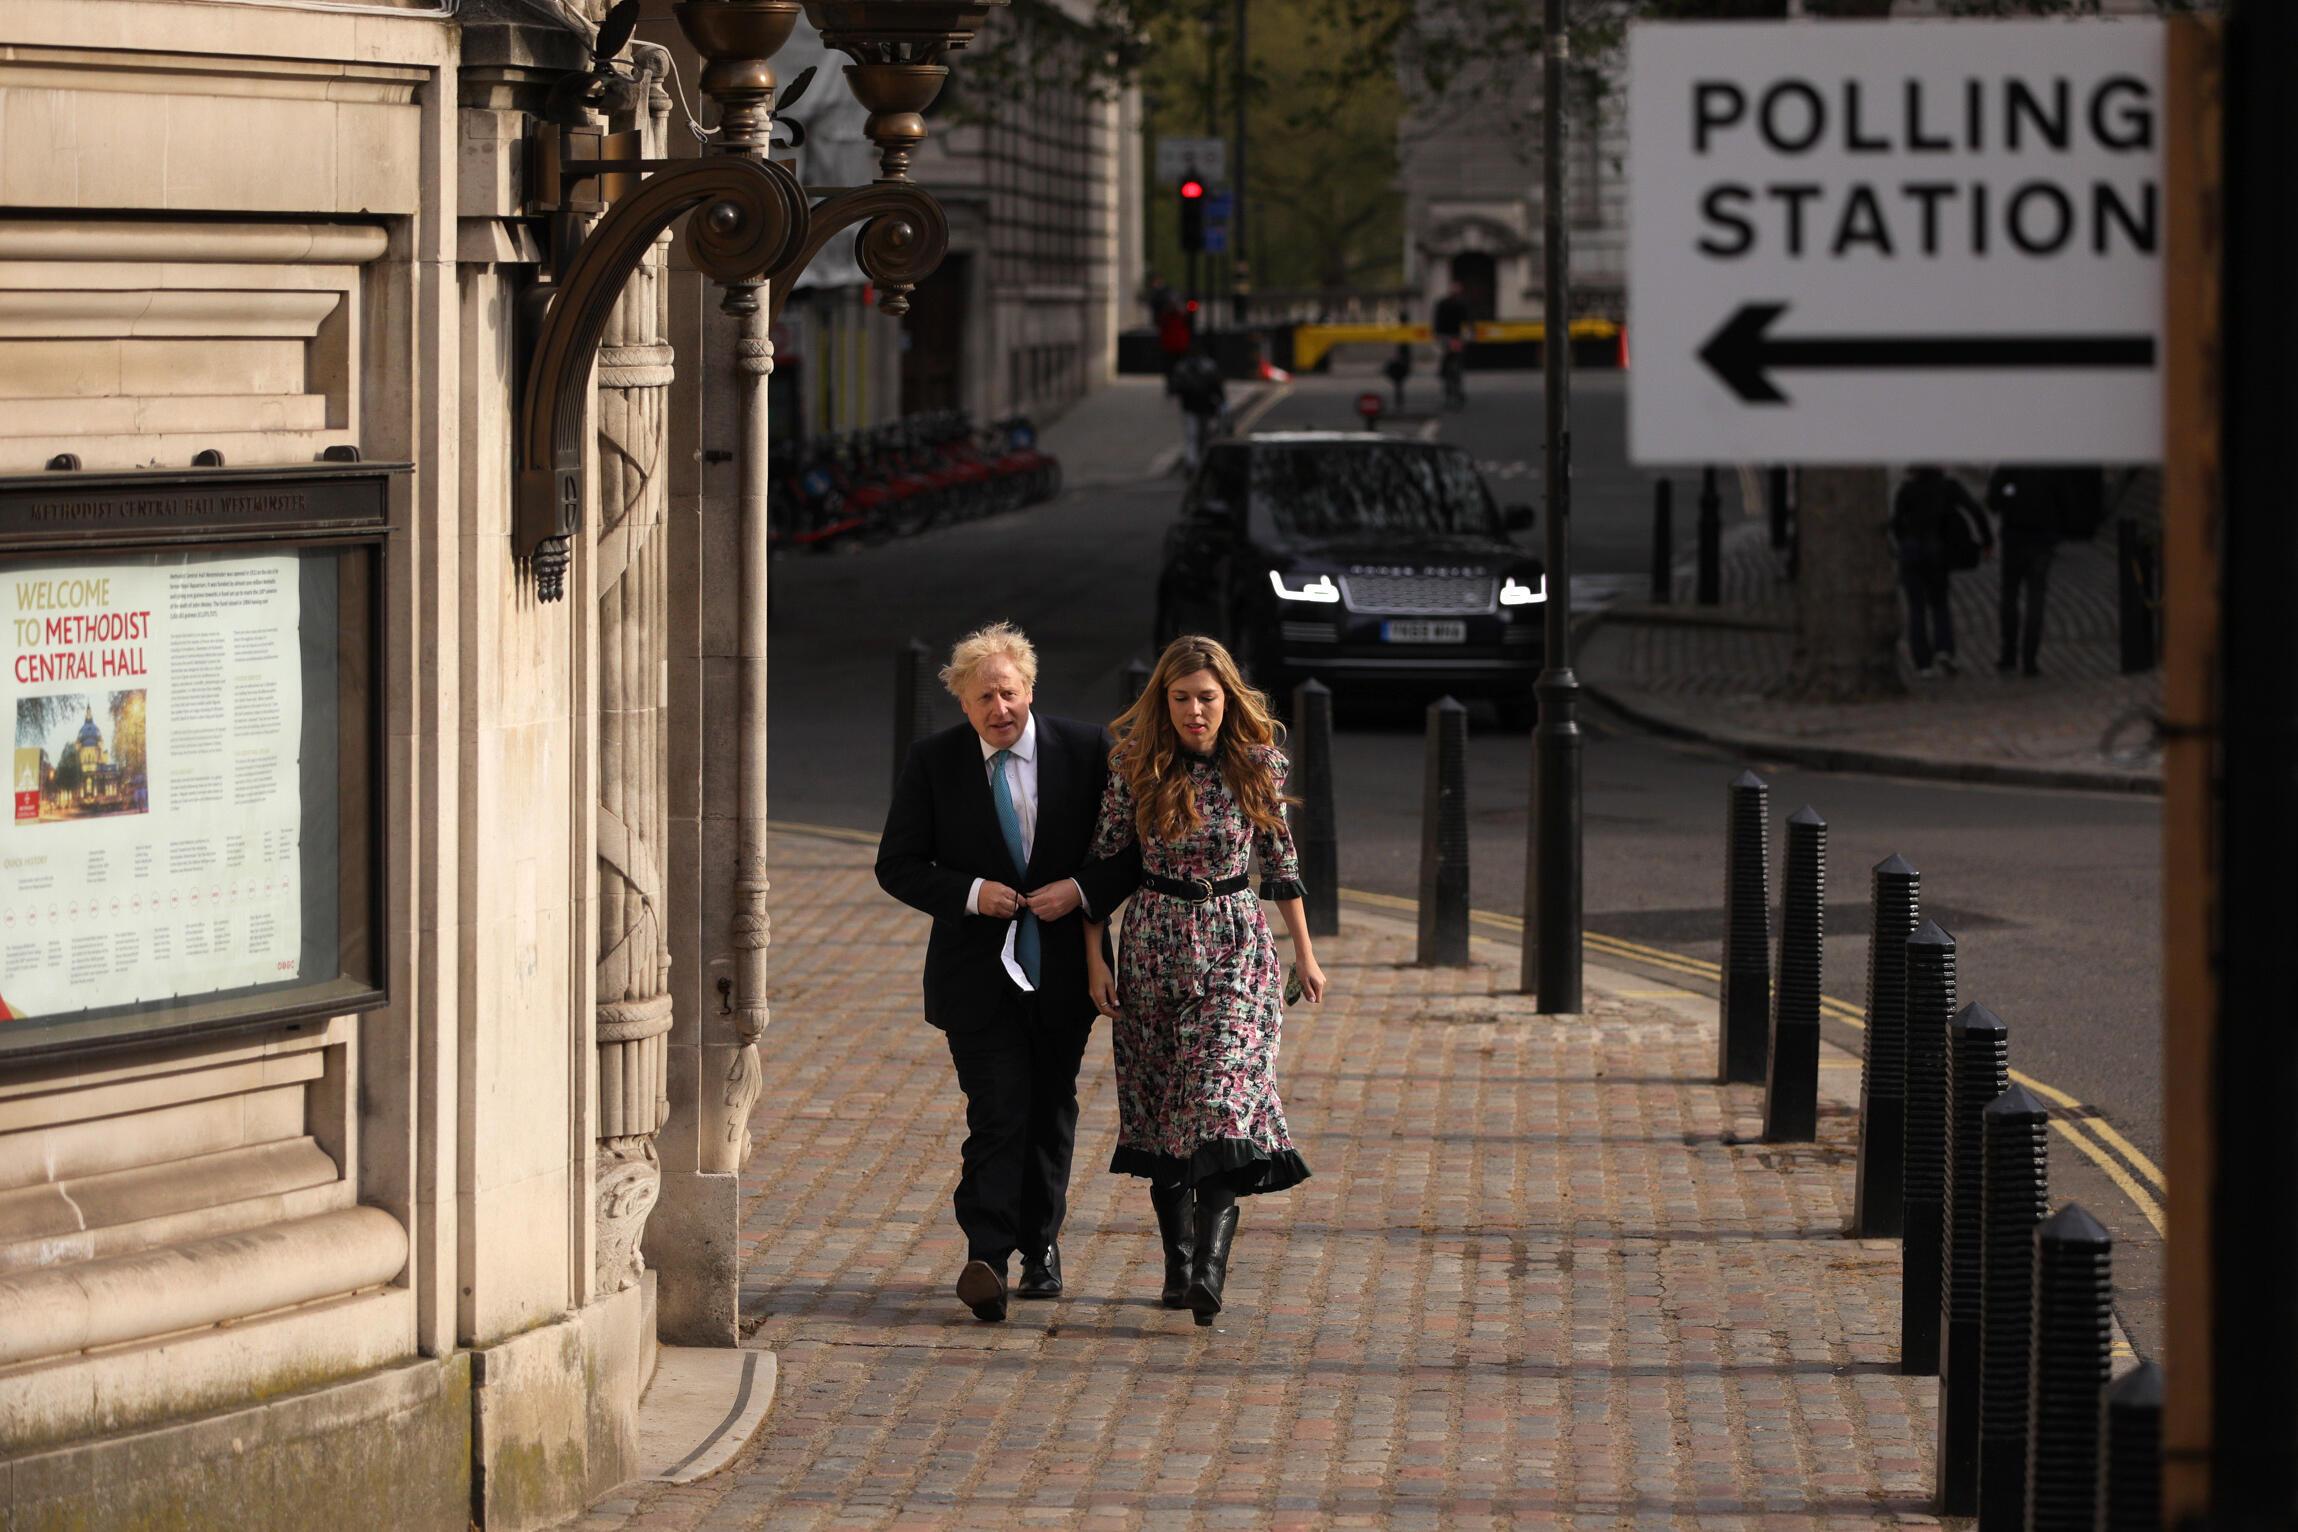 El primer ministro Boris Johnson y su pareja, Carrie Symonds, se dirigen a su centro de votación para las elecciones locales británicas, el 6 de mayo de 2021 en el centro de Londres